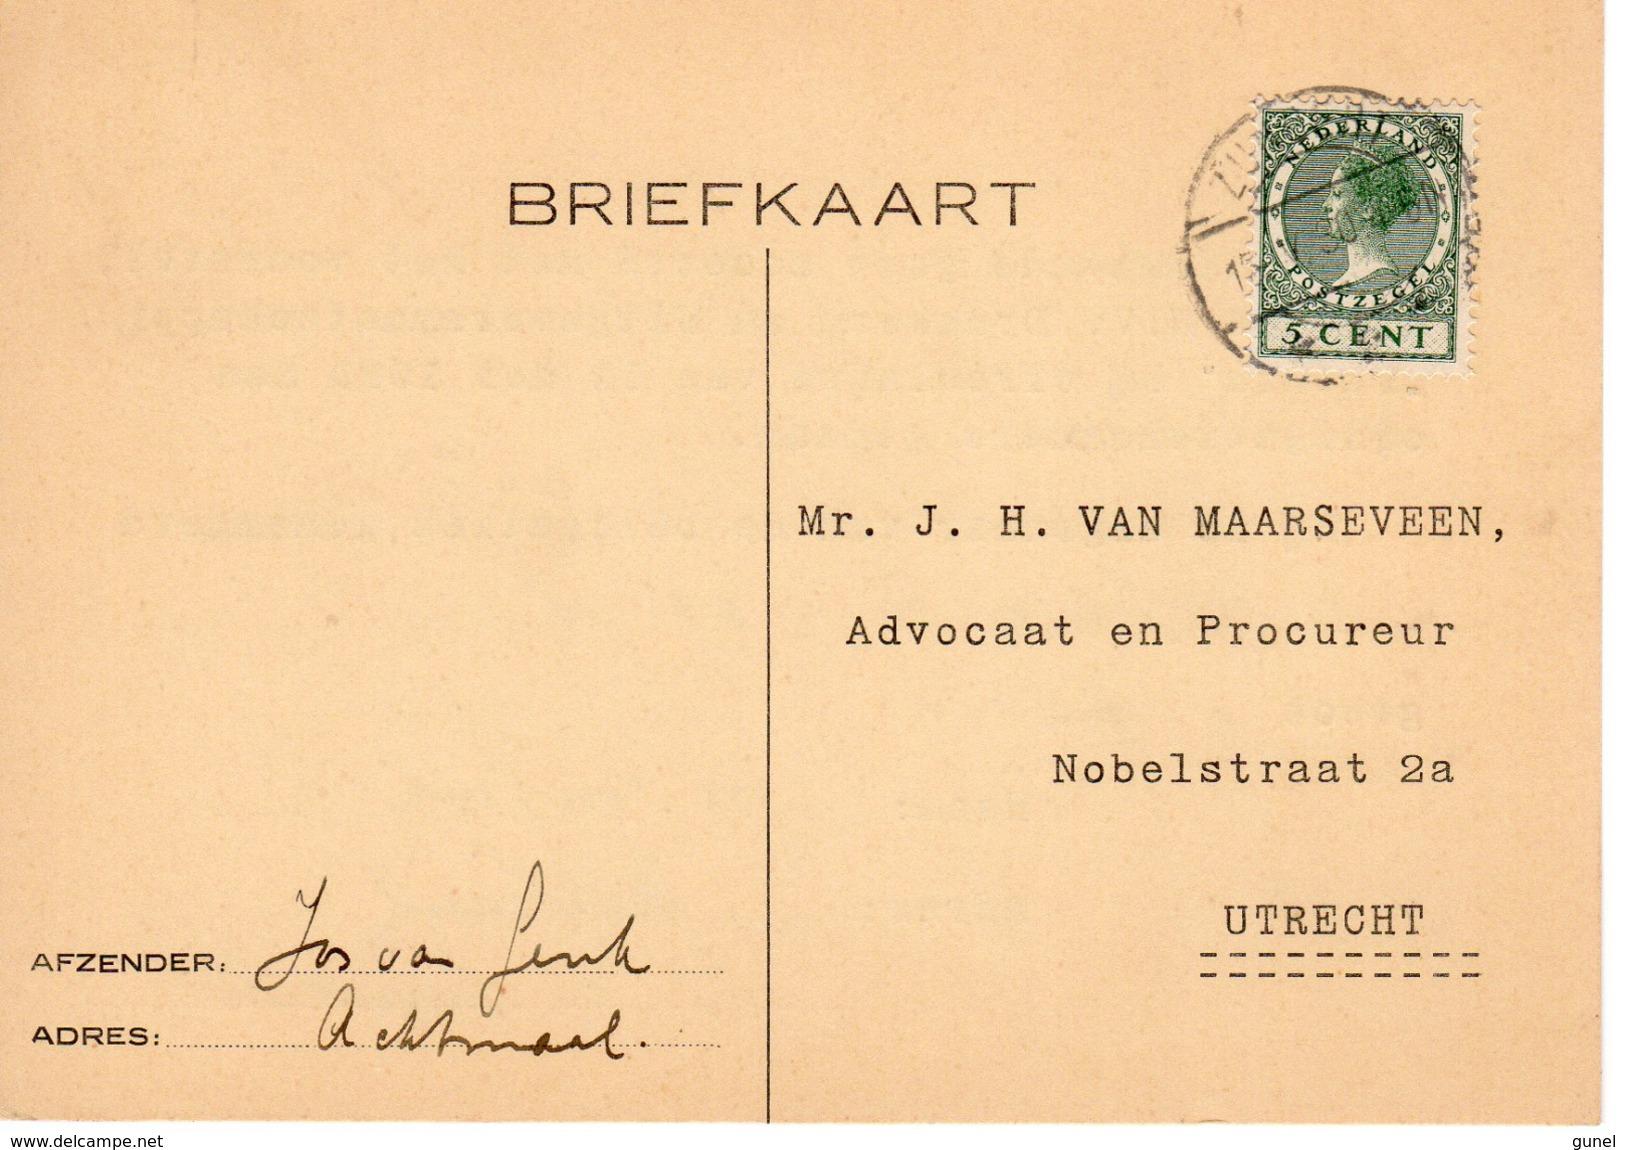 1930  Bk Naar Apeldoorn Met Langebalk ZUNDERT Van ACHTMAAL - Postal History